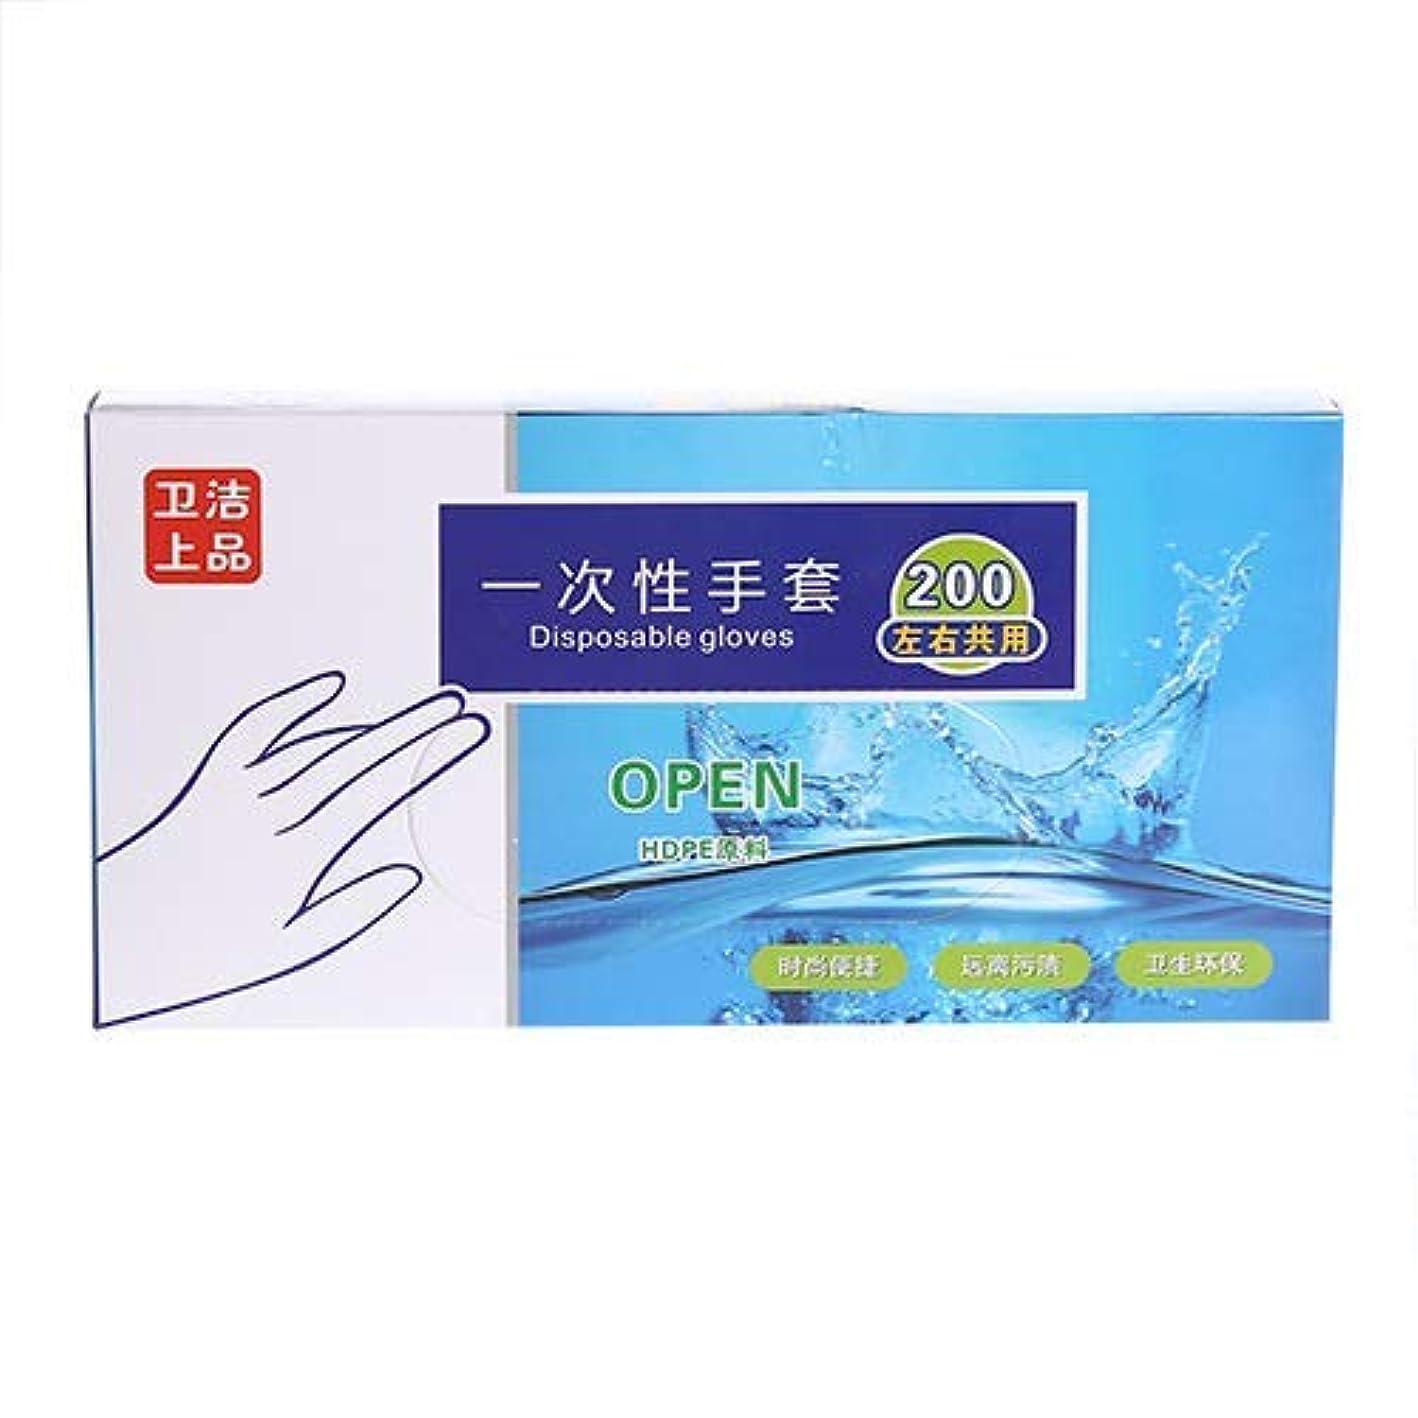 フレキシブル飛躍珍味使い捨て手袋 ニトリルグローブ ホワイト 粉なし 100枚入り /200枚入り